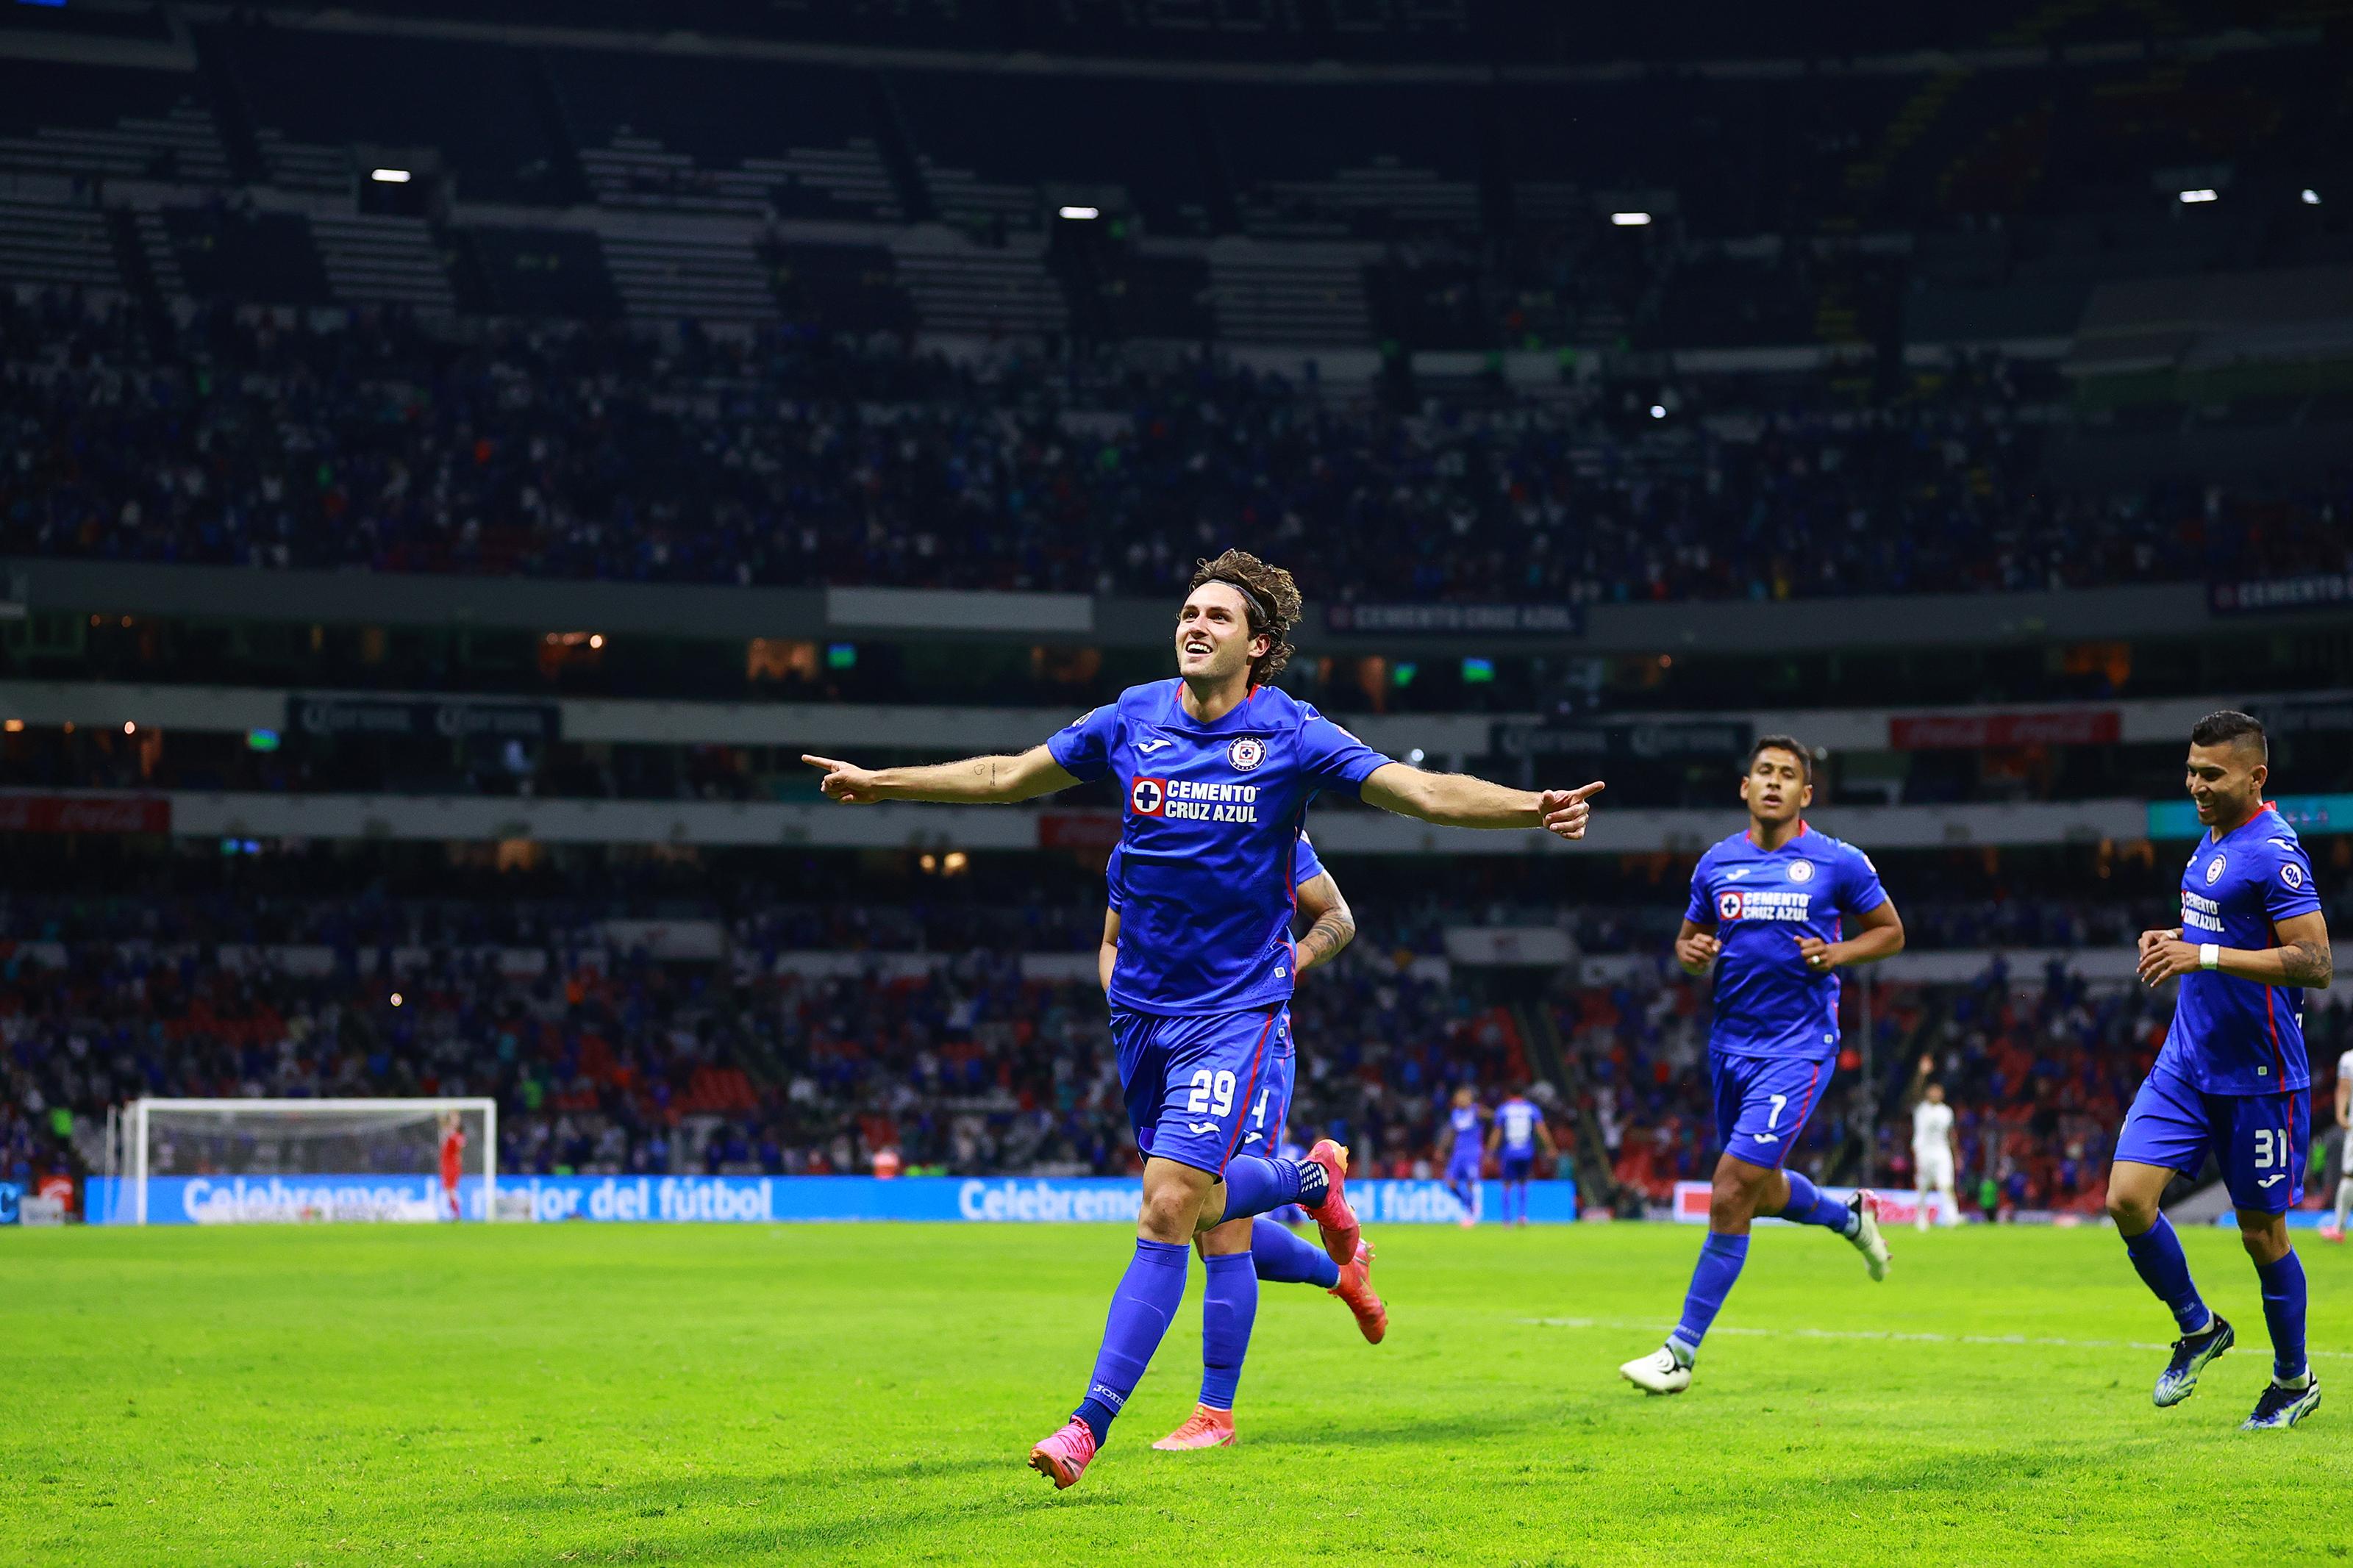 Cruz Azul v Pachuca - Playoffs Torneo Guard1anes 2021 Liga MX